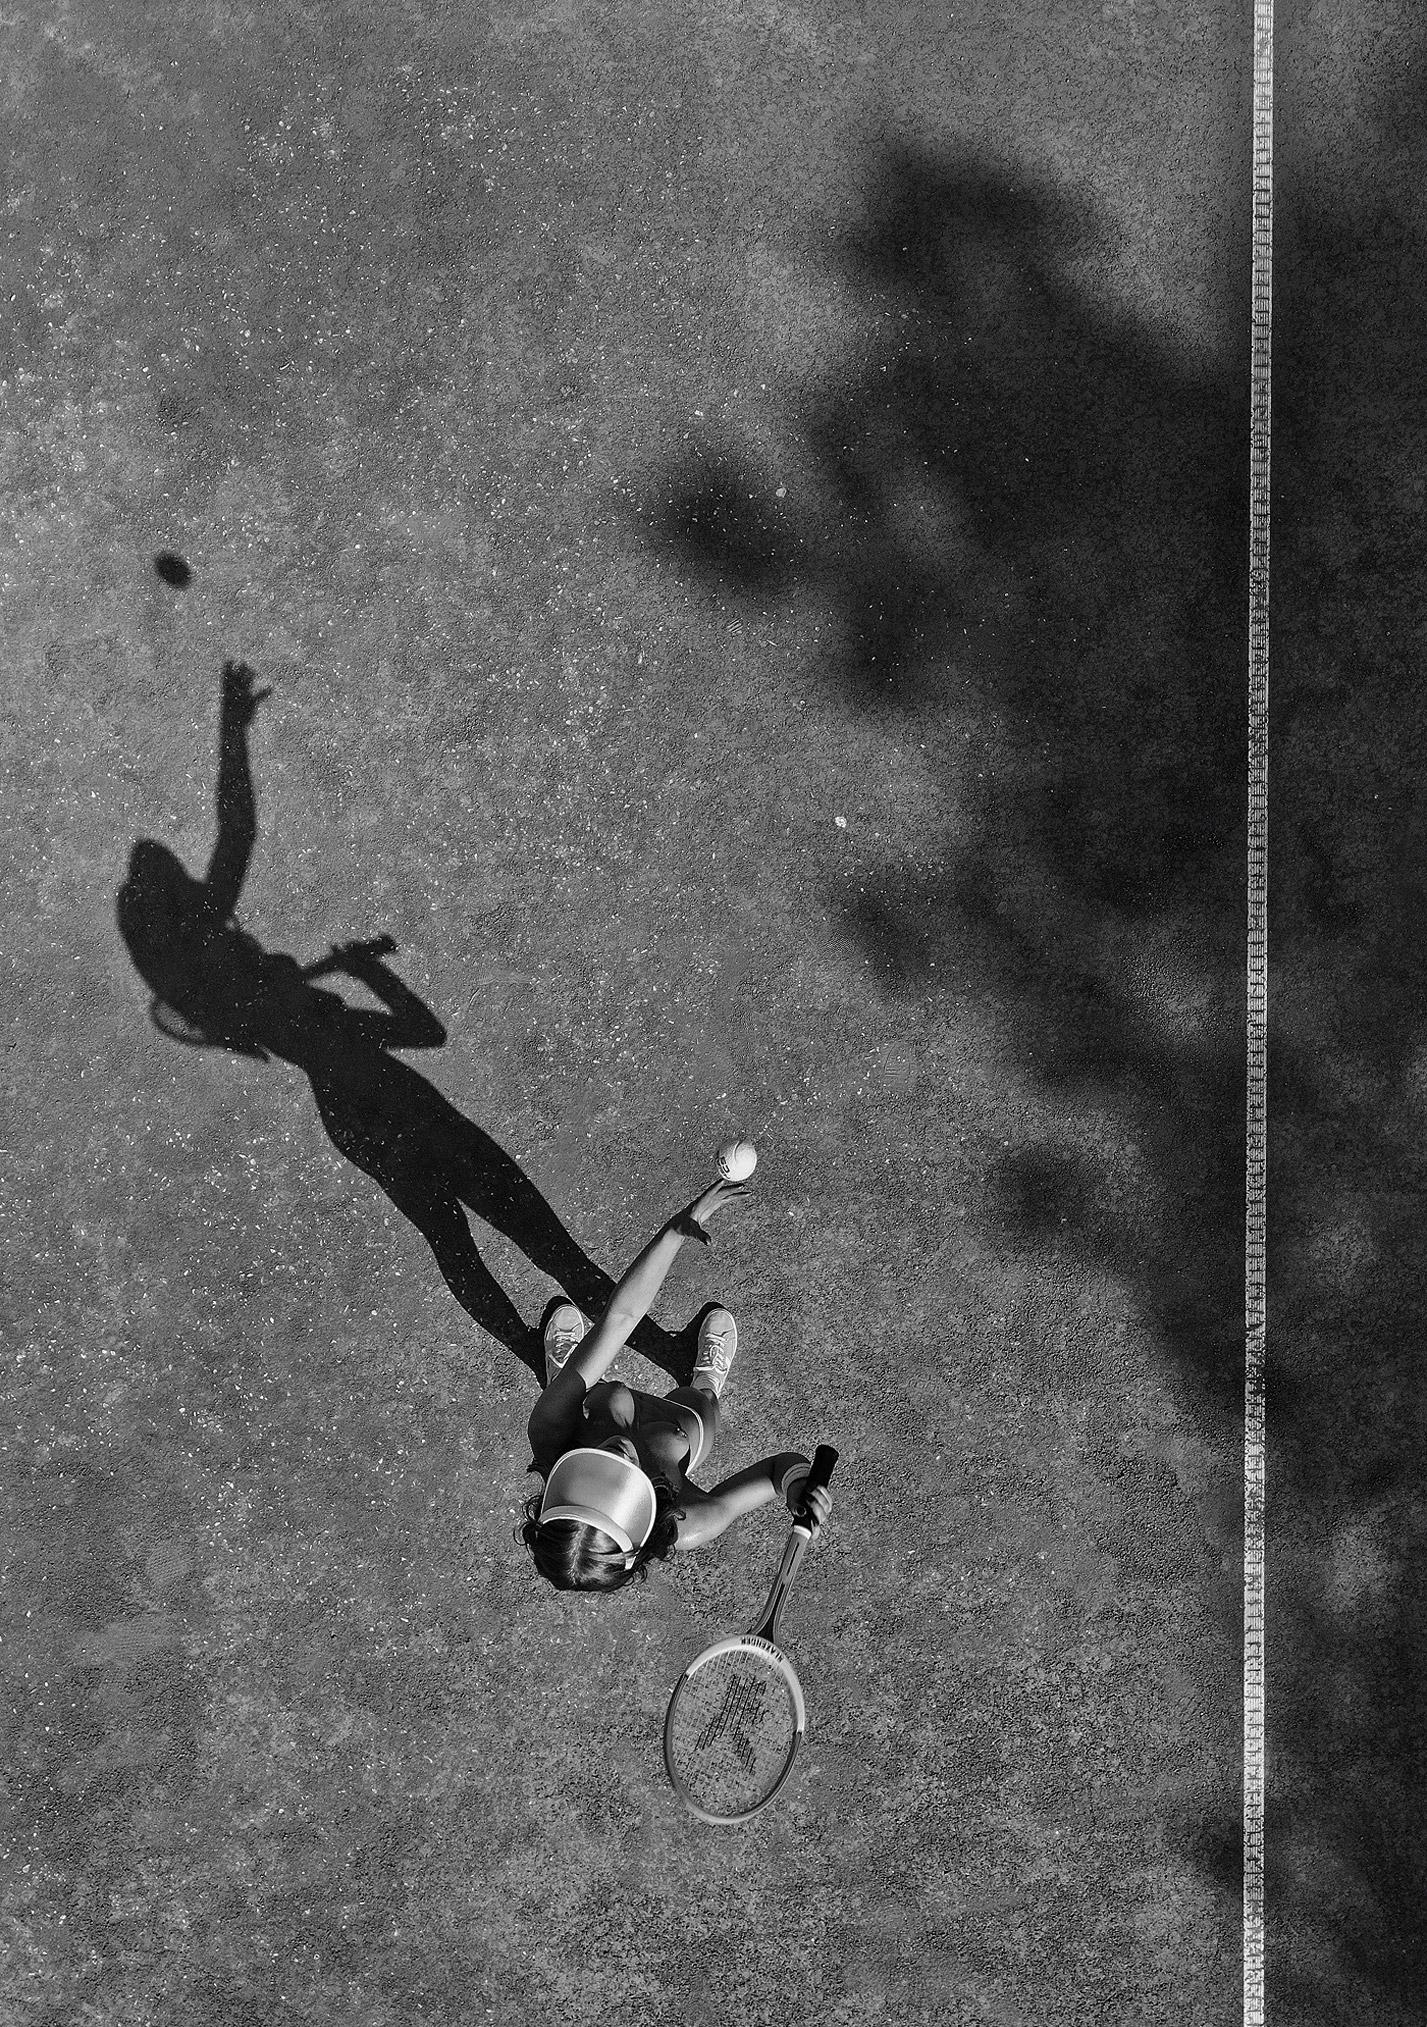 звезда голландского Playboy Свенья ван дер Богарт голая играет в теннис / фото 20